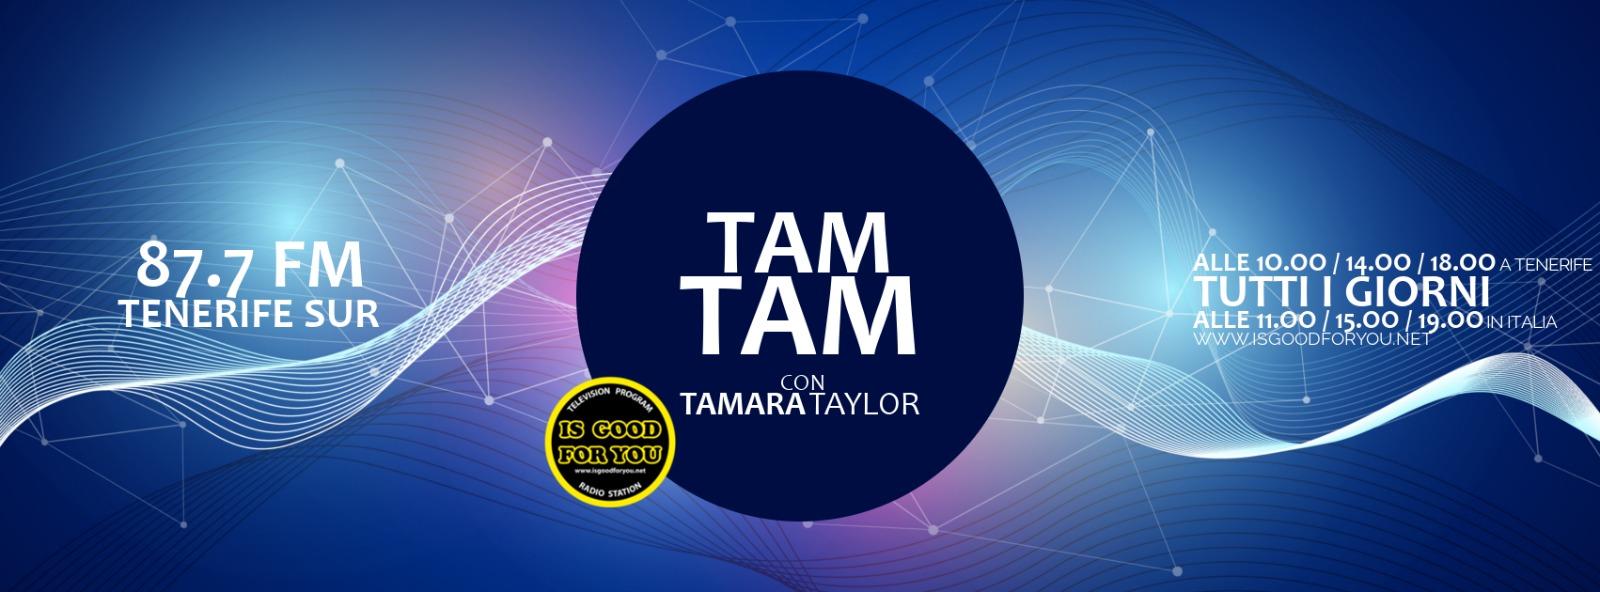 tam tam - Radio. Dal web alla FM e viceversa. L'esperienza di Tamara Taylor da RDS e 101 a IsGoodForYou